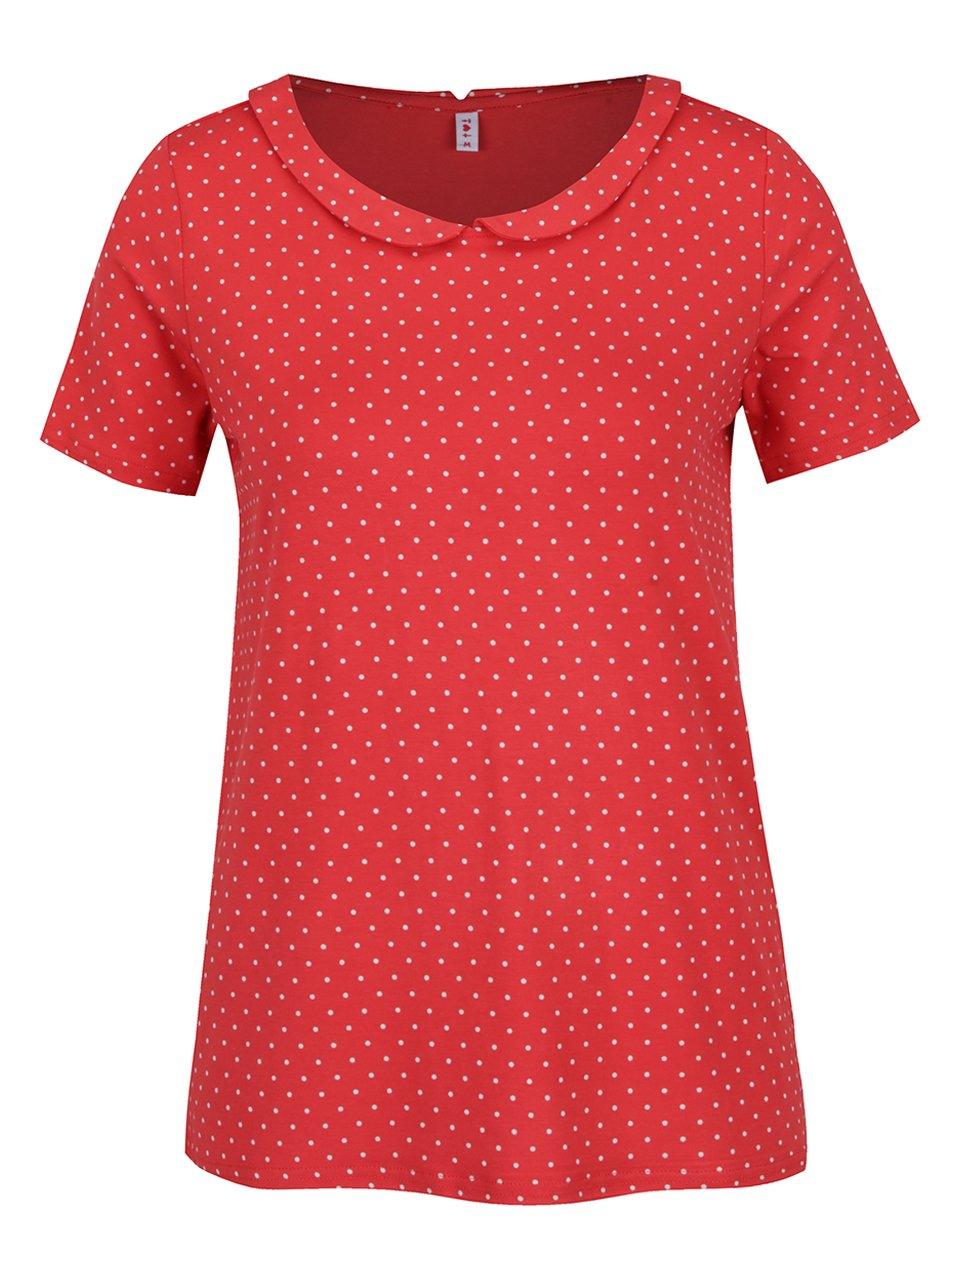 Červené puntíkované tričko s límečkem Blutsgeschwister